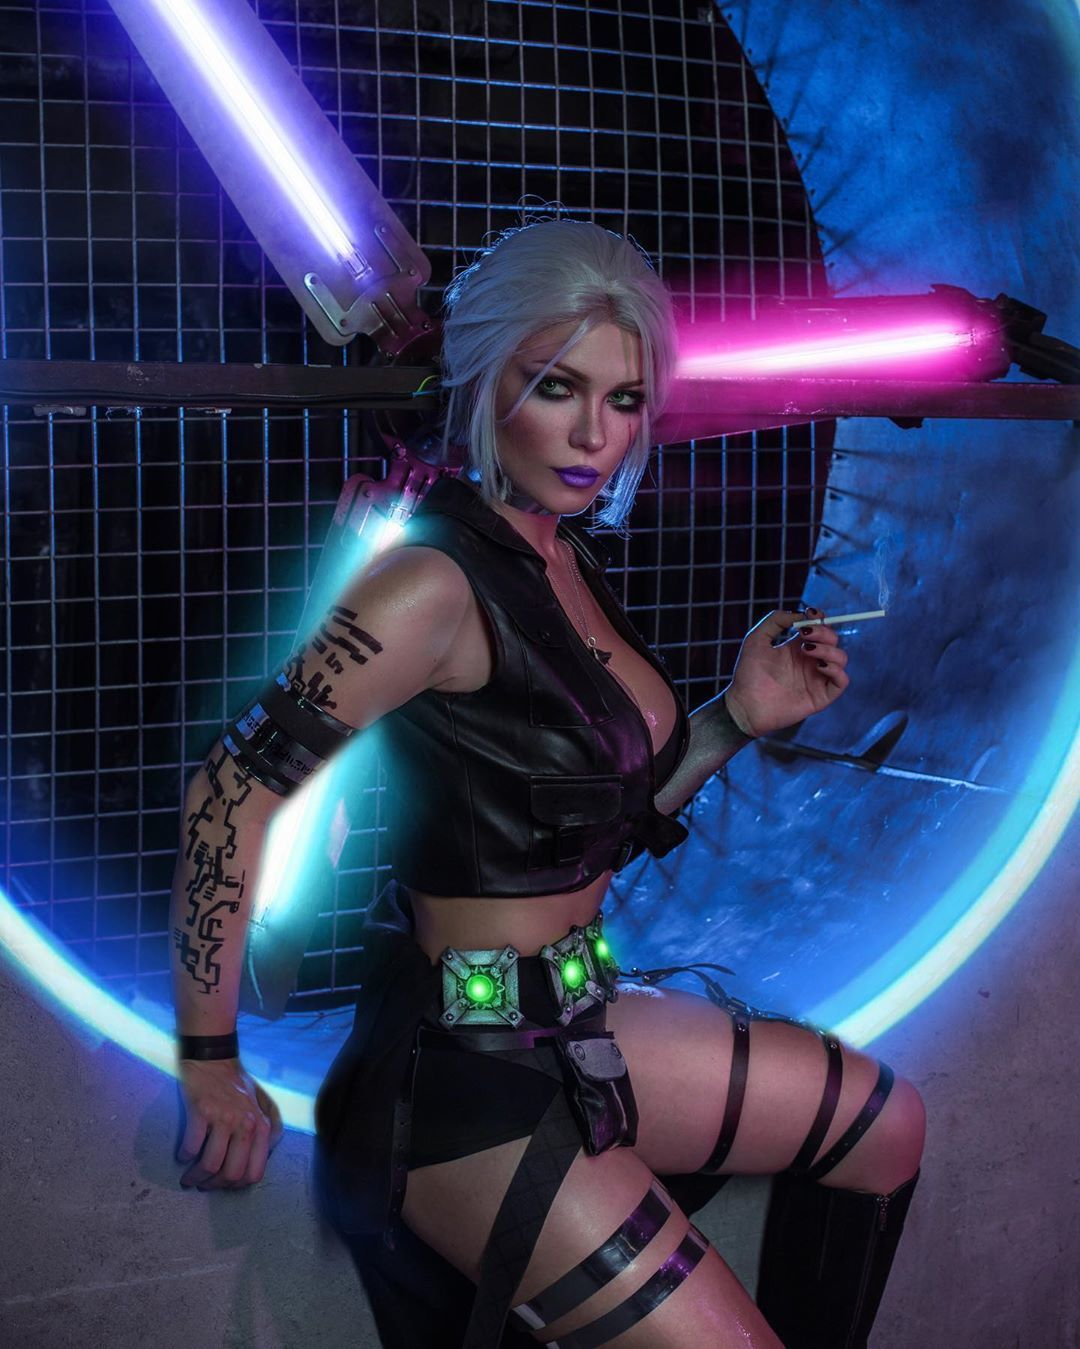 《赛博朋克2077》女主Cos美图 美女手握双枪超胸狠